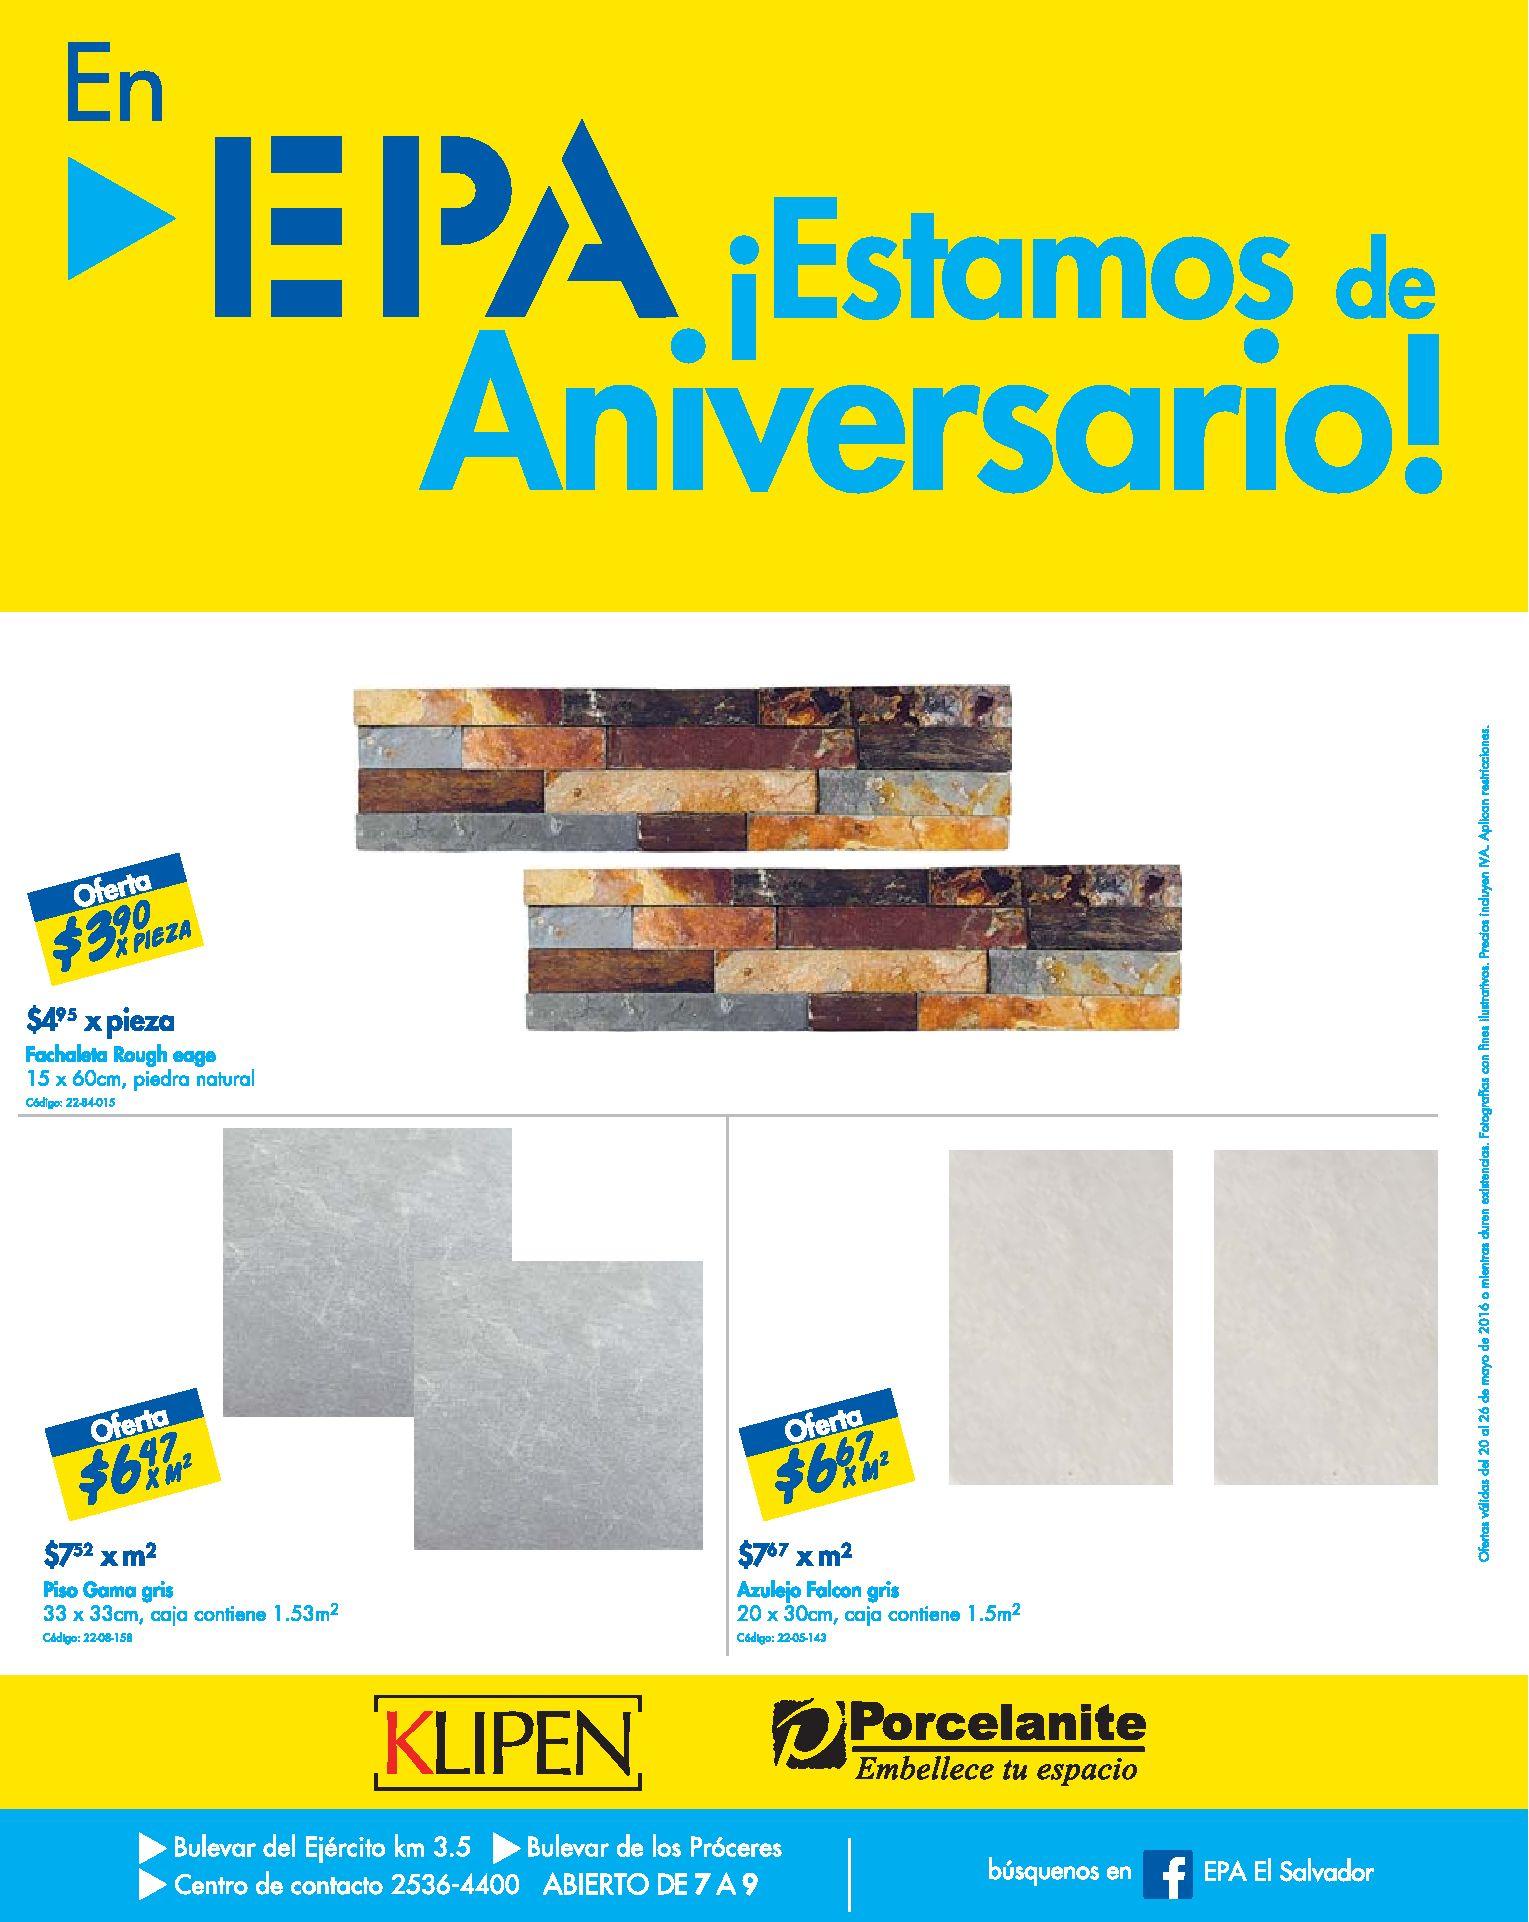 Ofertas para comprar tu nuevo piso ceramico azulejos o - Ofertas para amueblar piso completo ...